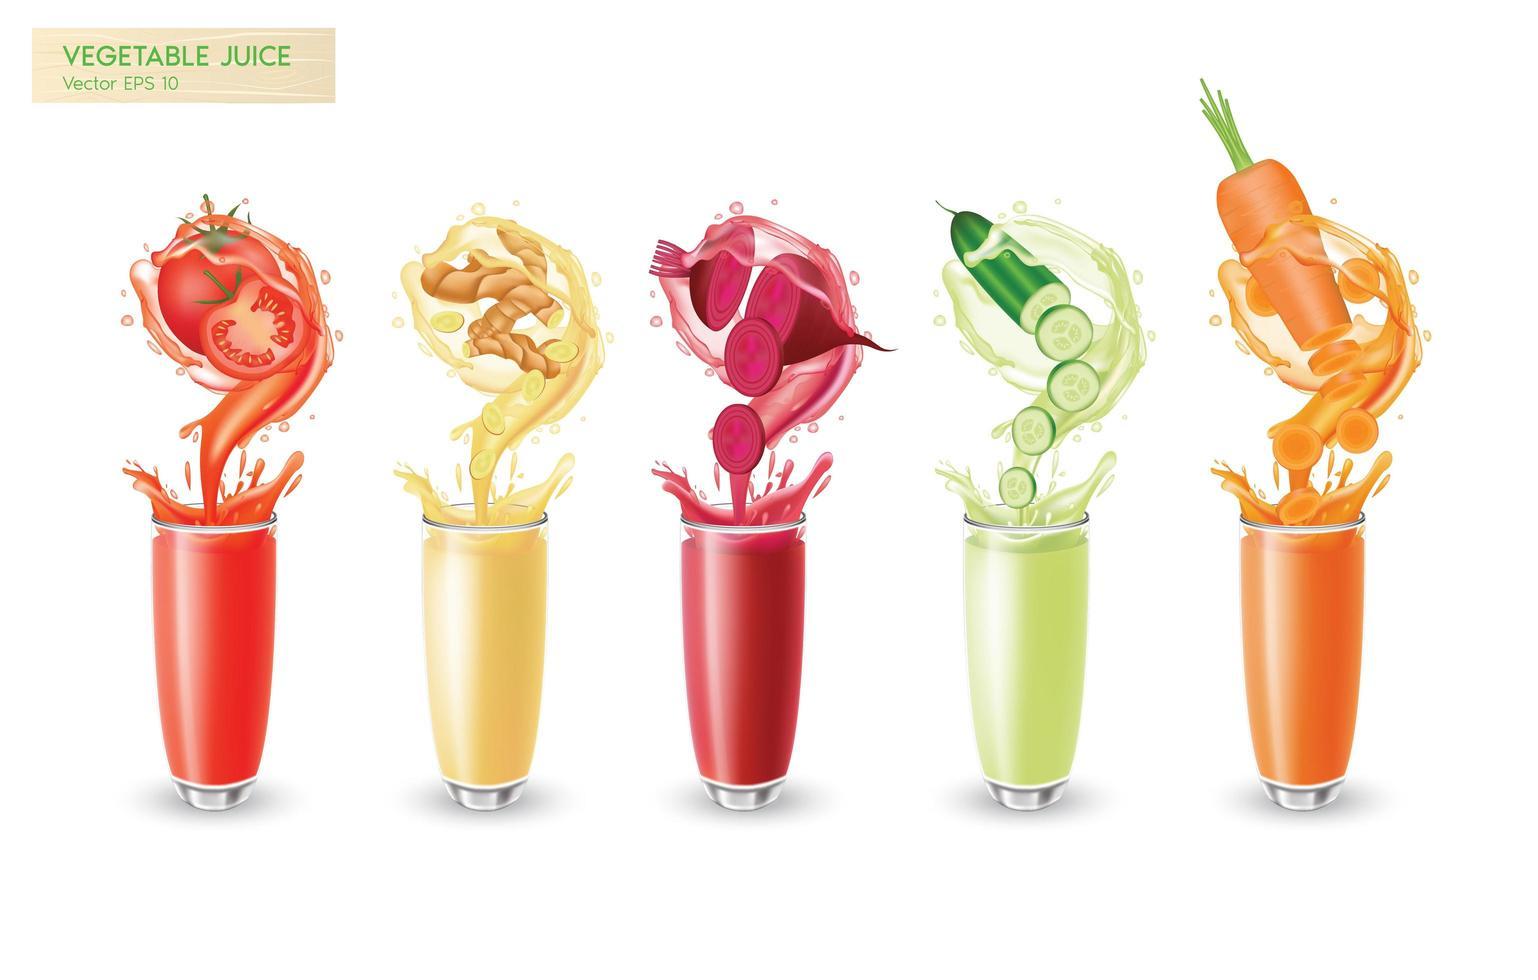 conjunto realista de suco de vegetais frescos vetor